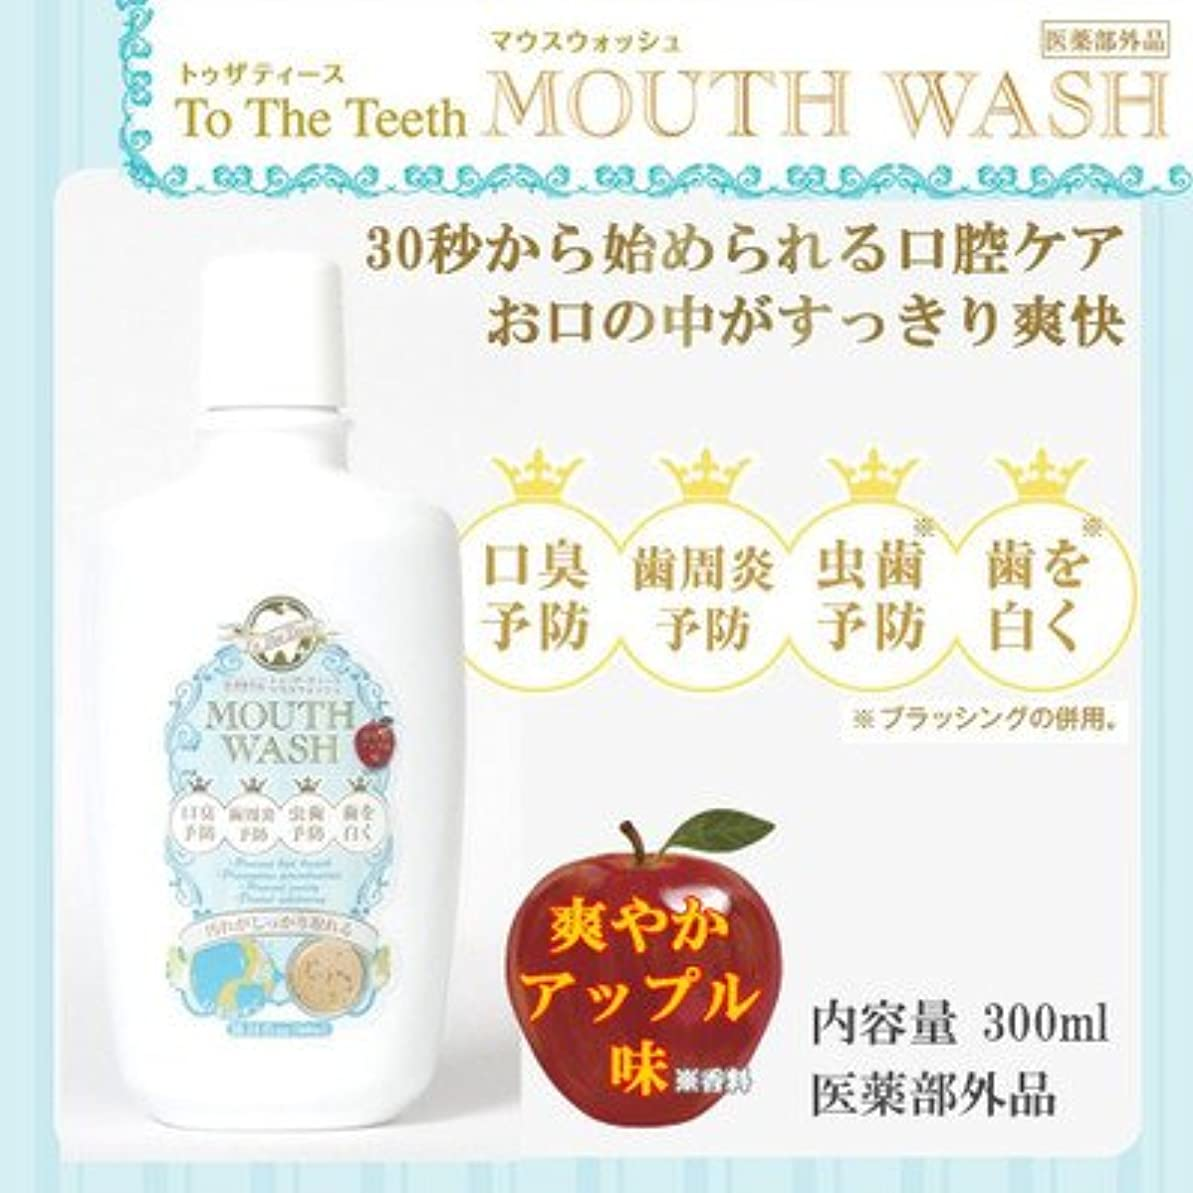 囲む高潔な生産性To The Teeth(トゥ?ザ?ティース) マウスウォッシュ 医薬部外品 300ml